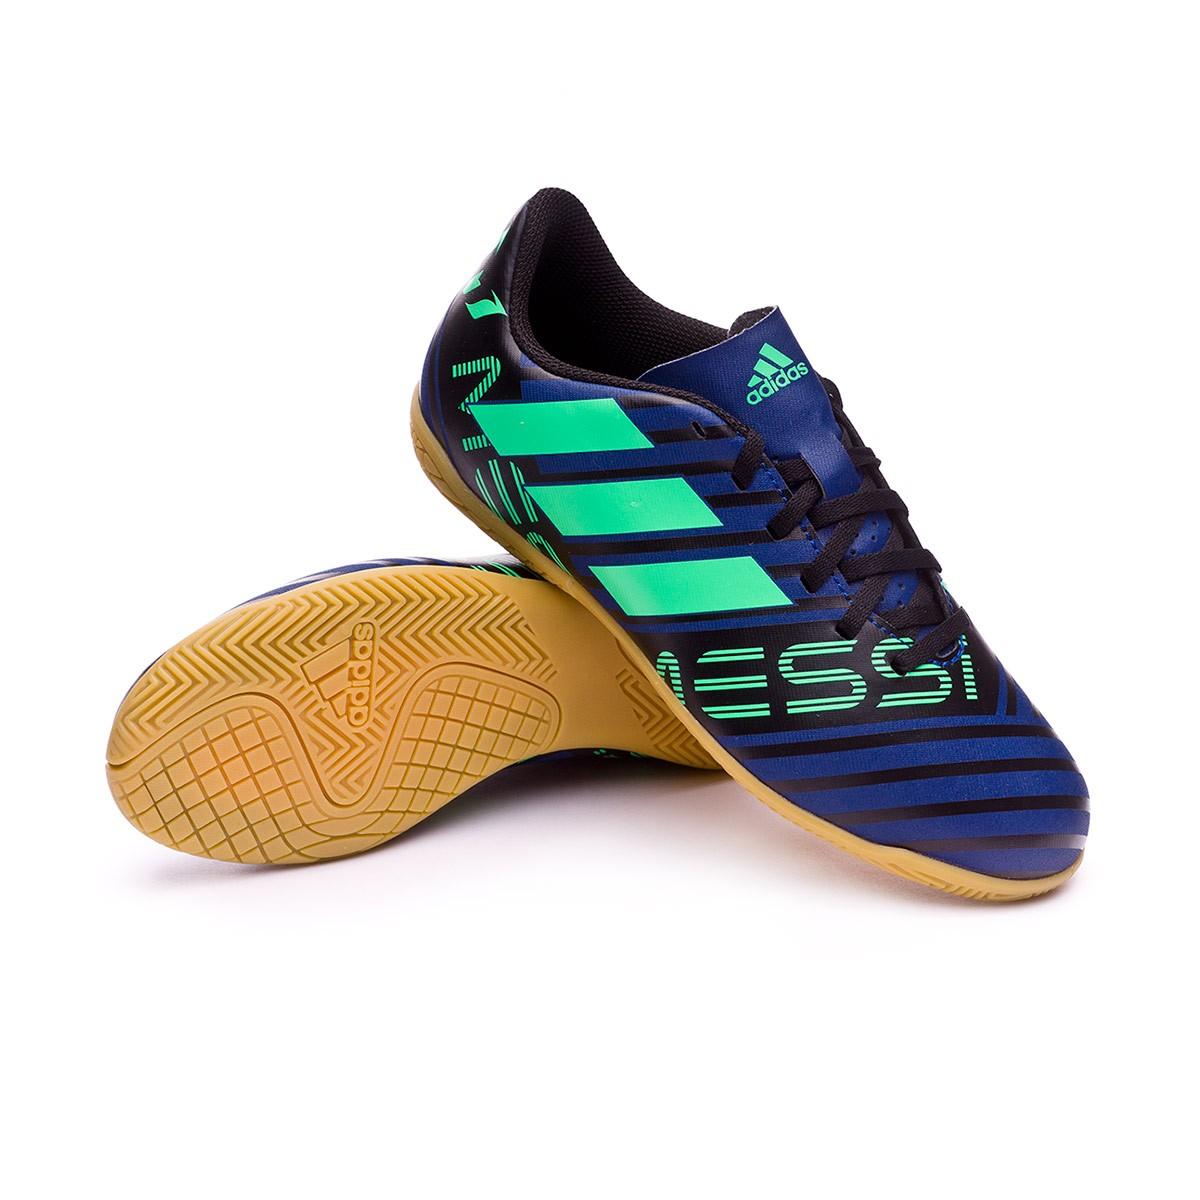 new product 13f70 7e9e6 Categorías de la Zapatilla de fútbol sala. Fútbol sala · Zapatillas futsal  · Zapatillas futsal adidas · Línea Nemeziz